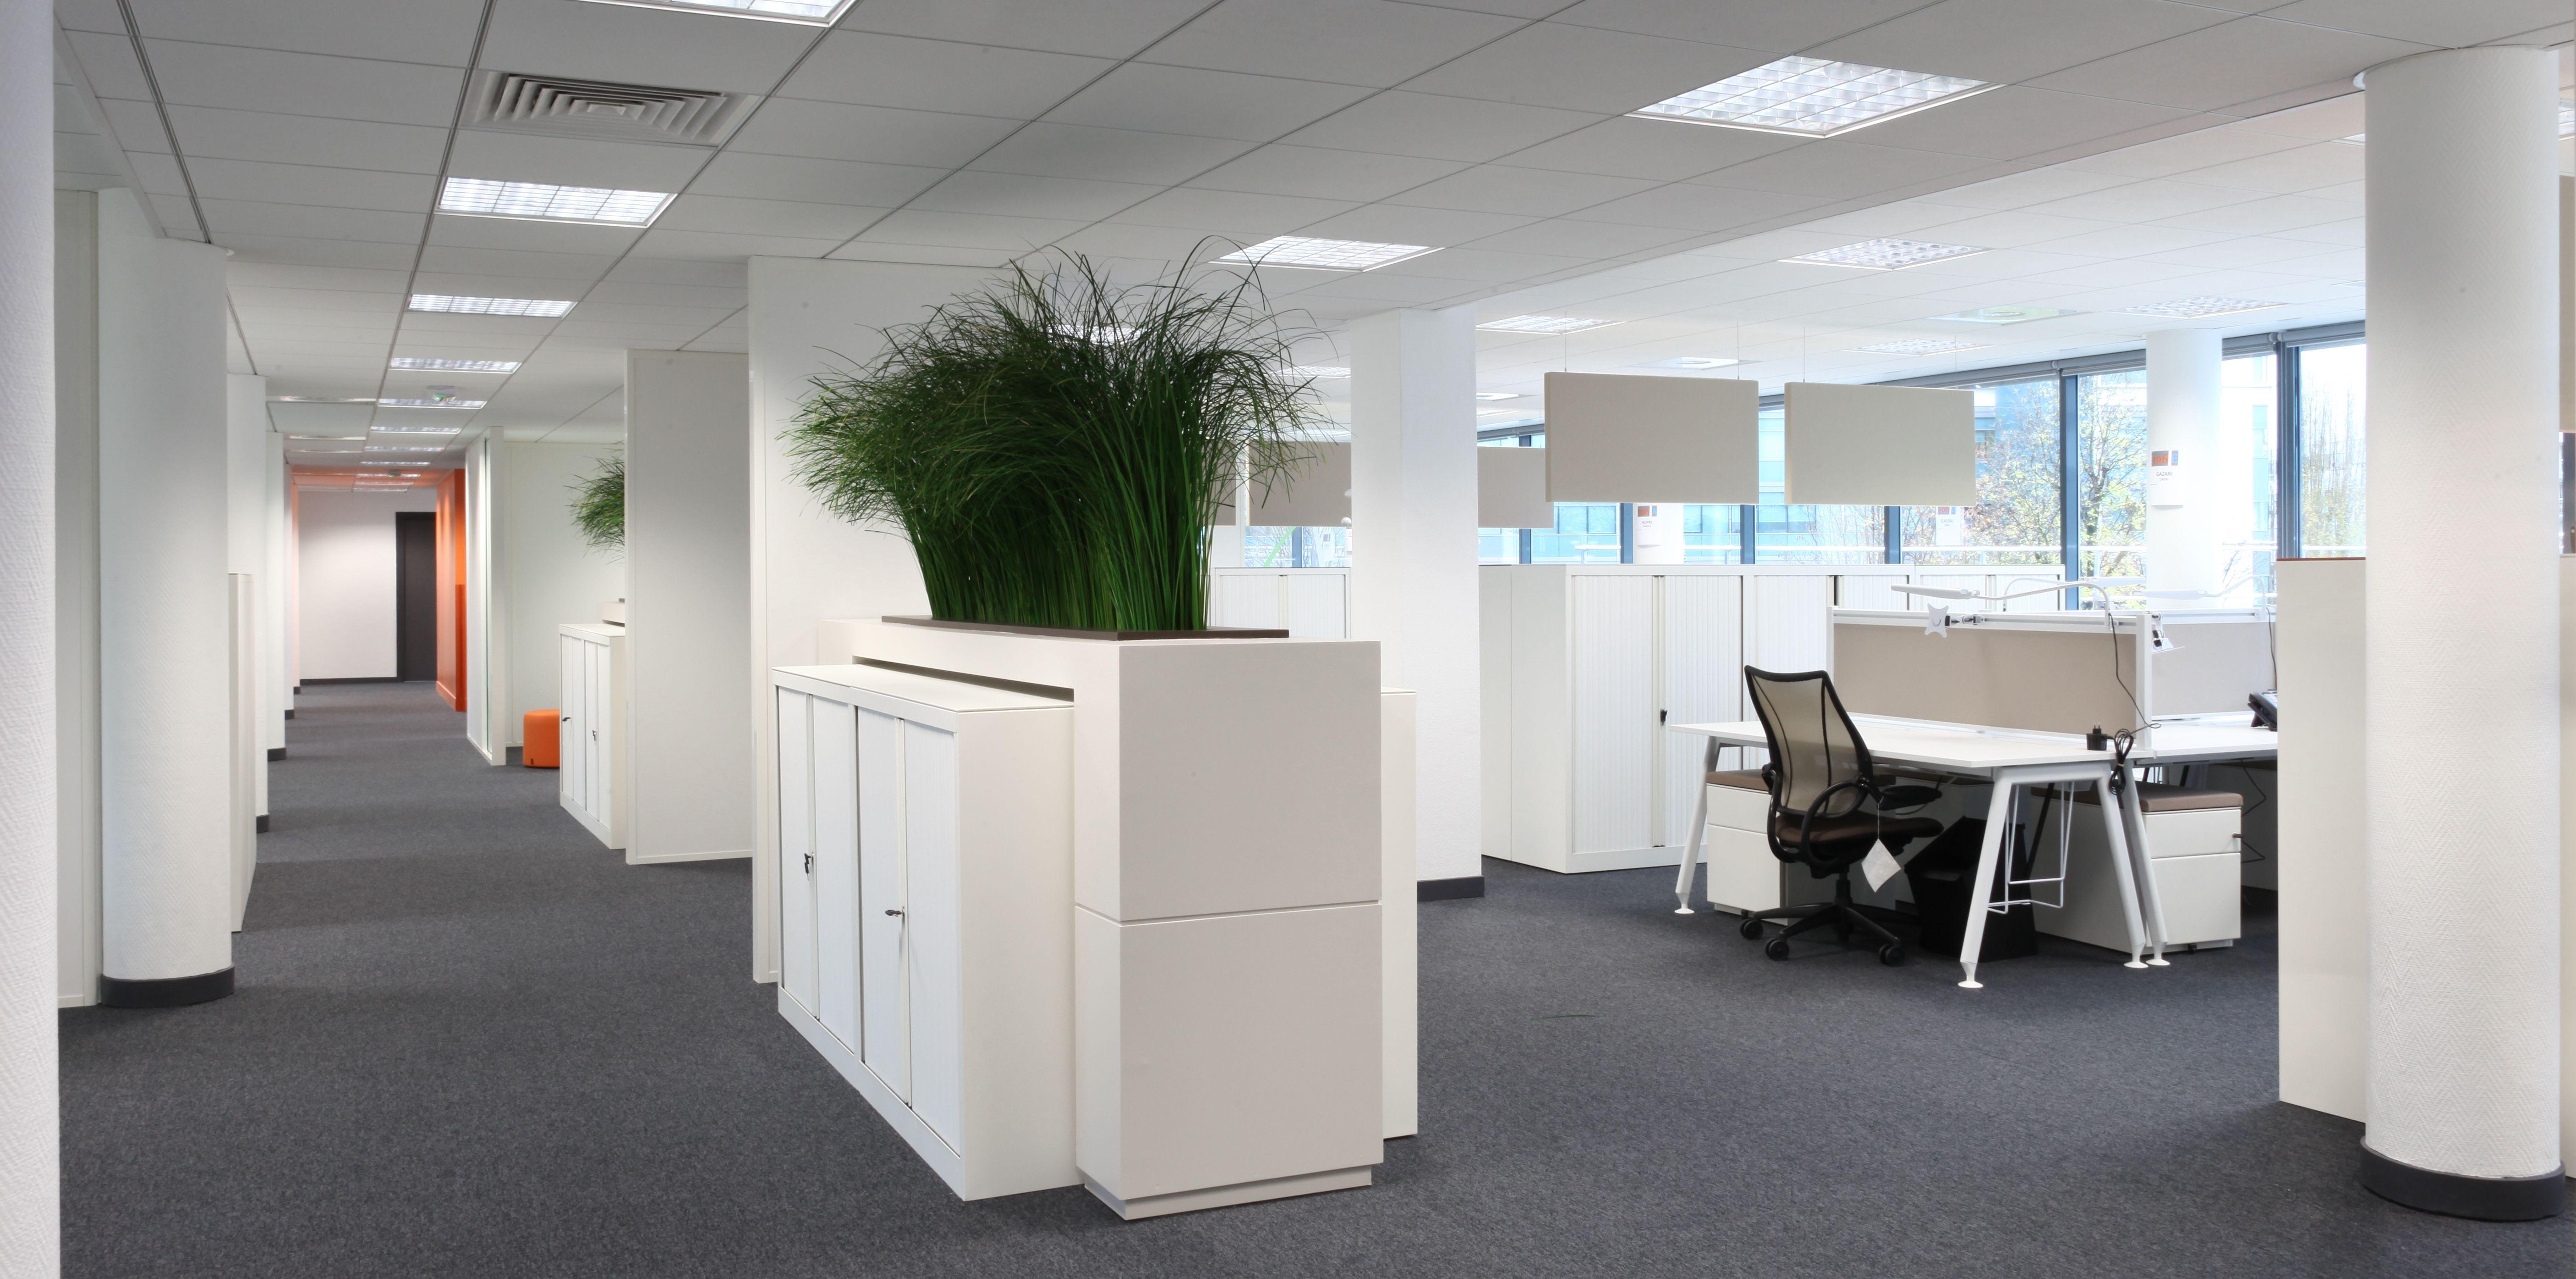 open space agenc par cl ram style design bureau architecture am nagement workspace. Black Bedroom Furniture Sets. Home Design Ideas